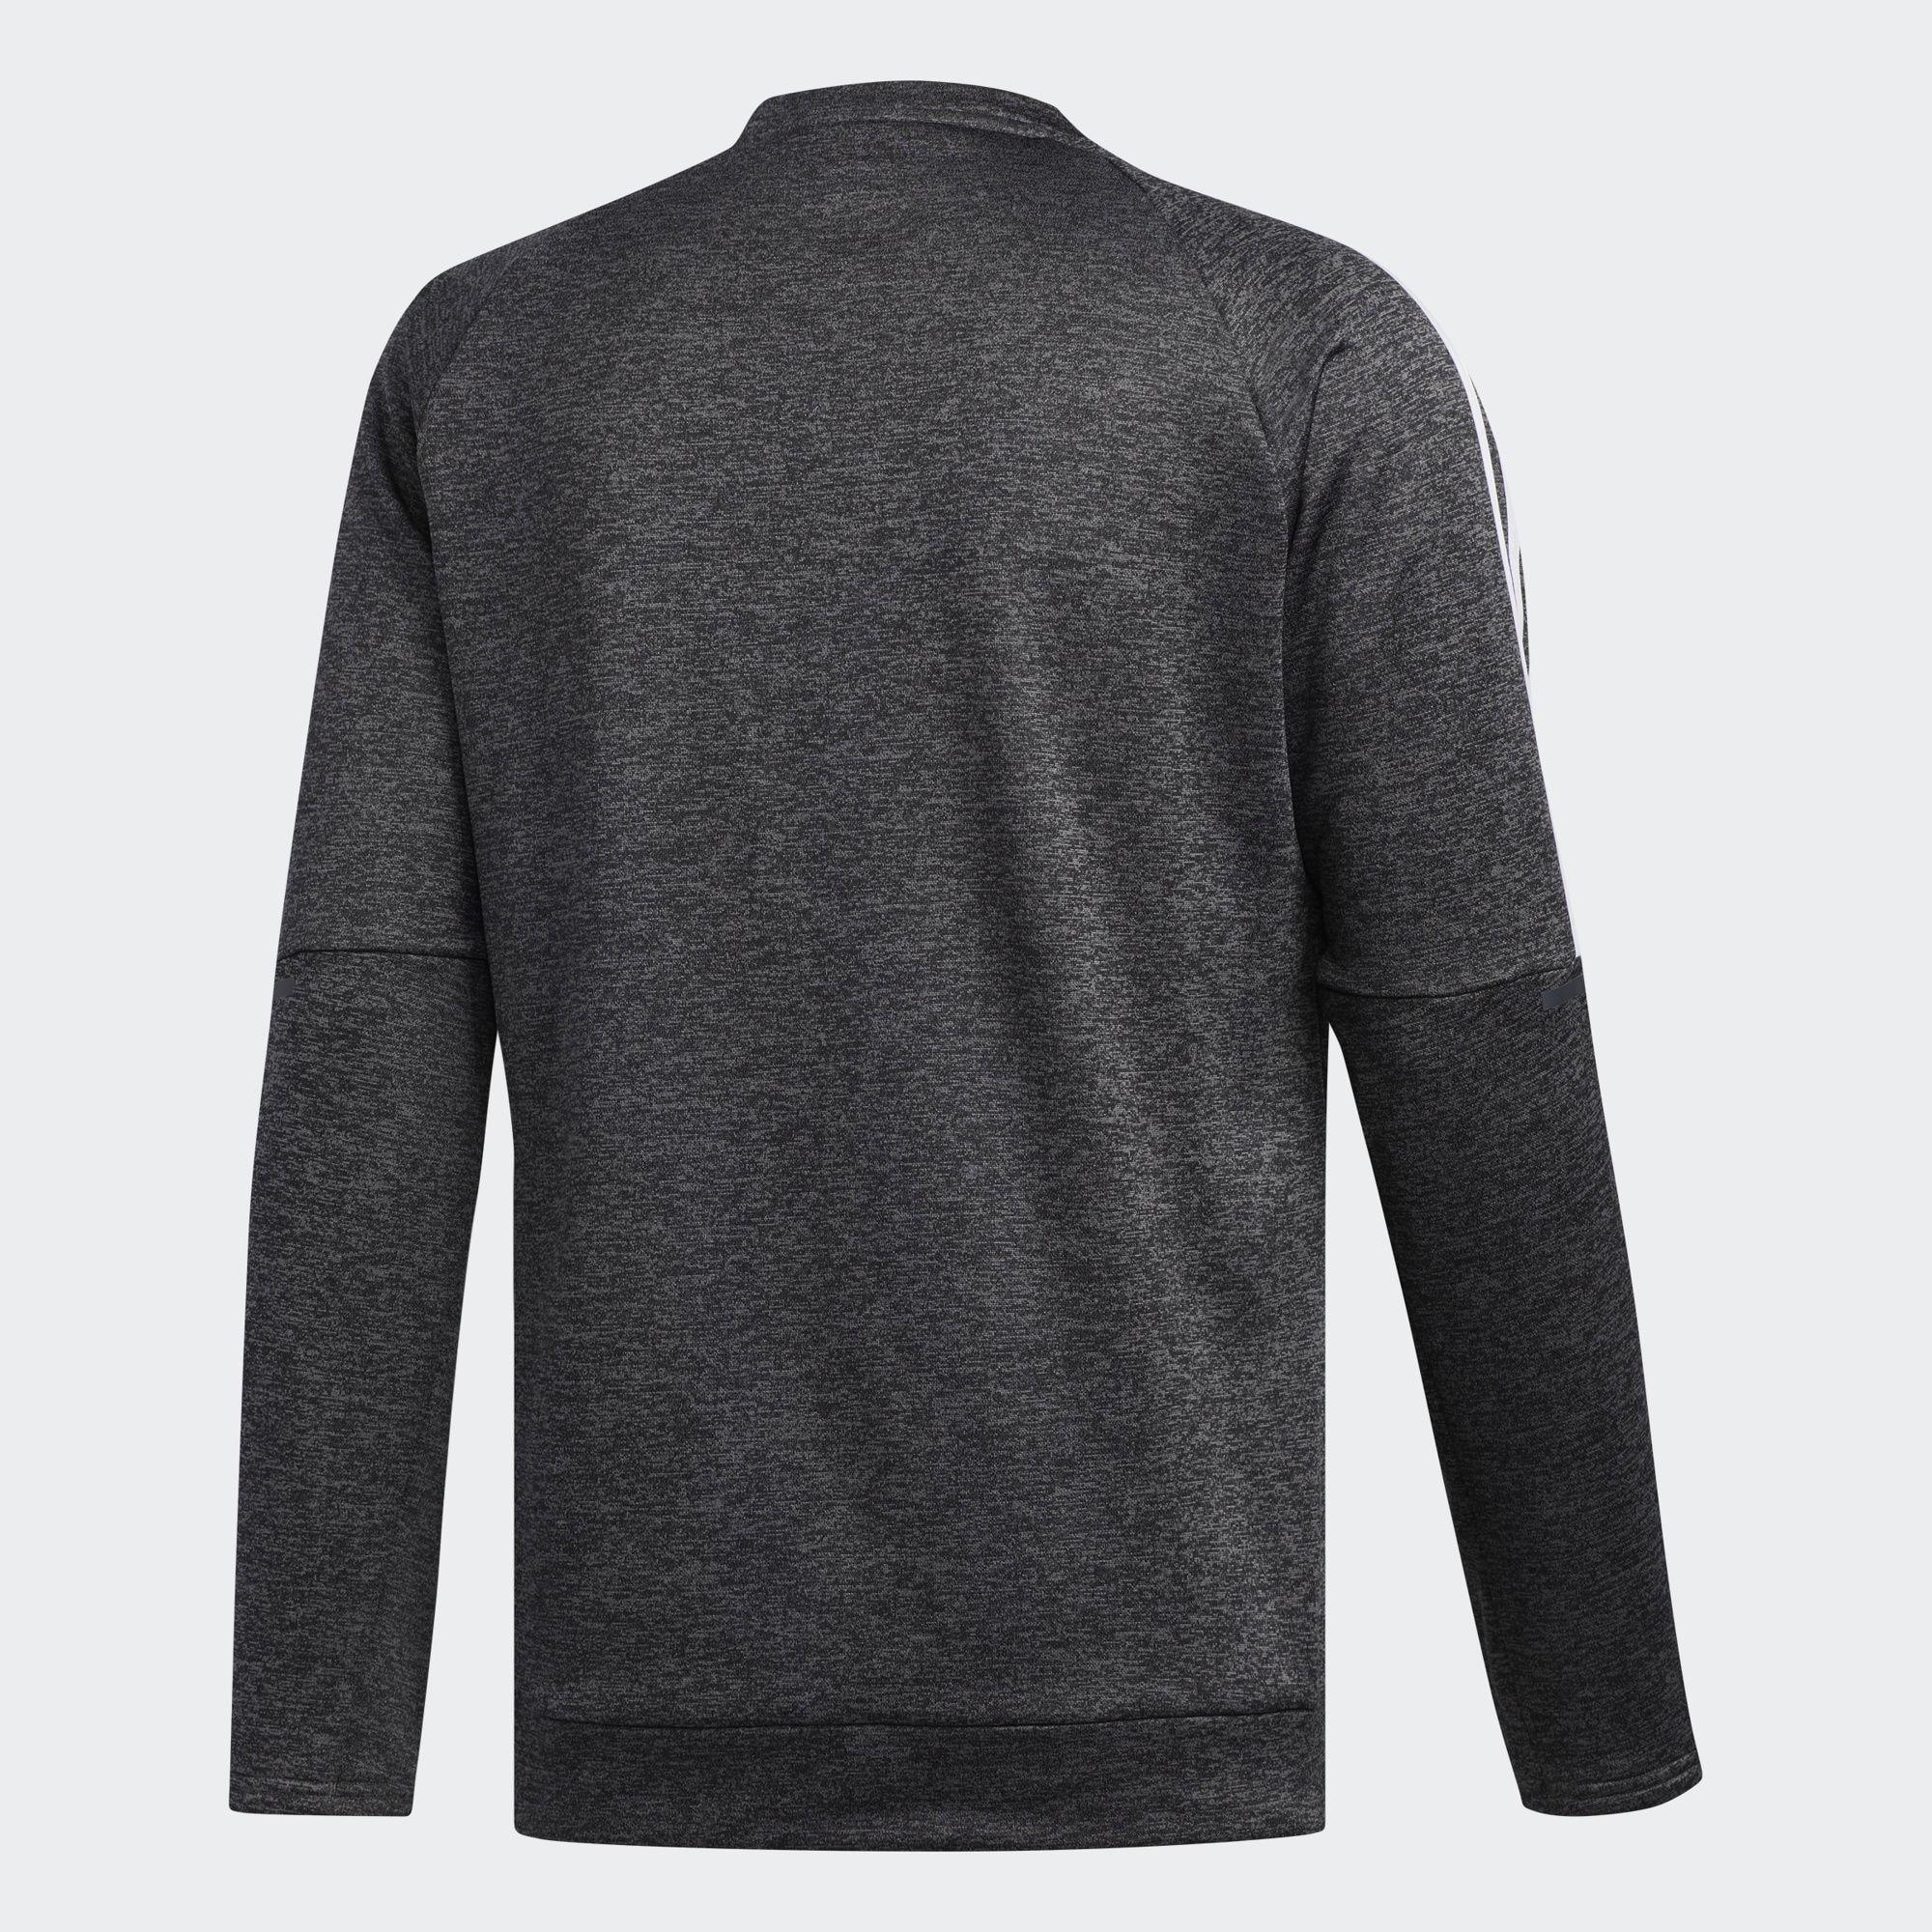 ADIDAS PERFORMANCE Sweatshirt Herren, Graumeliert Weiß